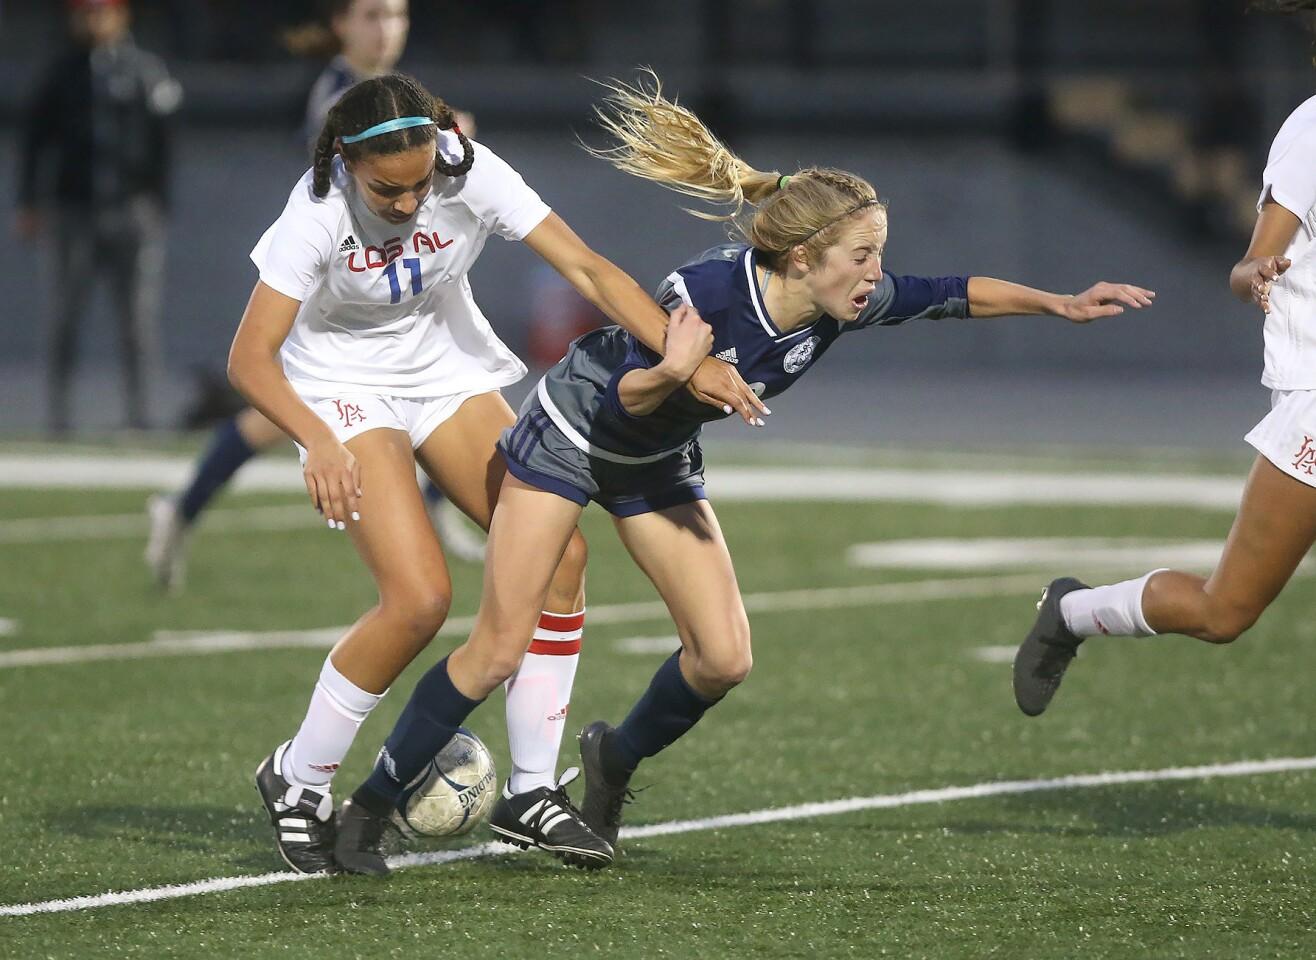 Photo Gallery: Newport Harbor vs. Los Alamitos in girls' soccer